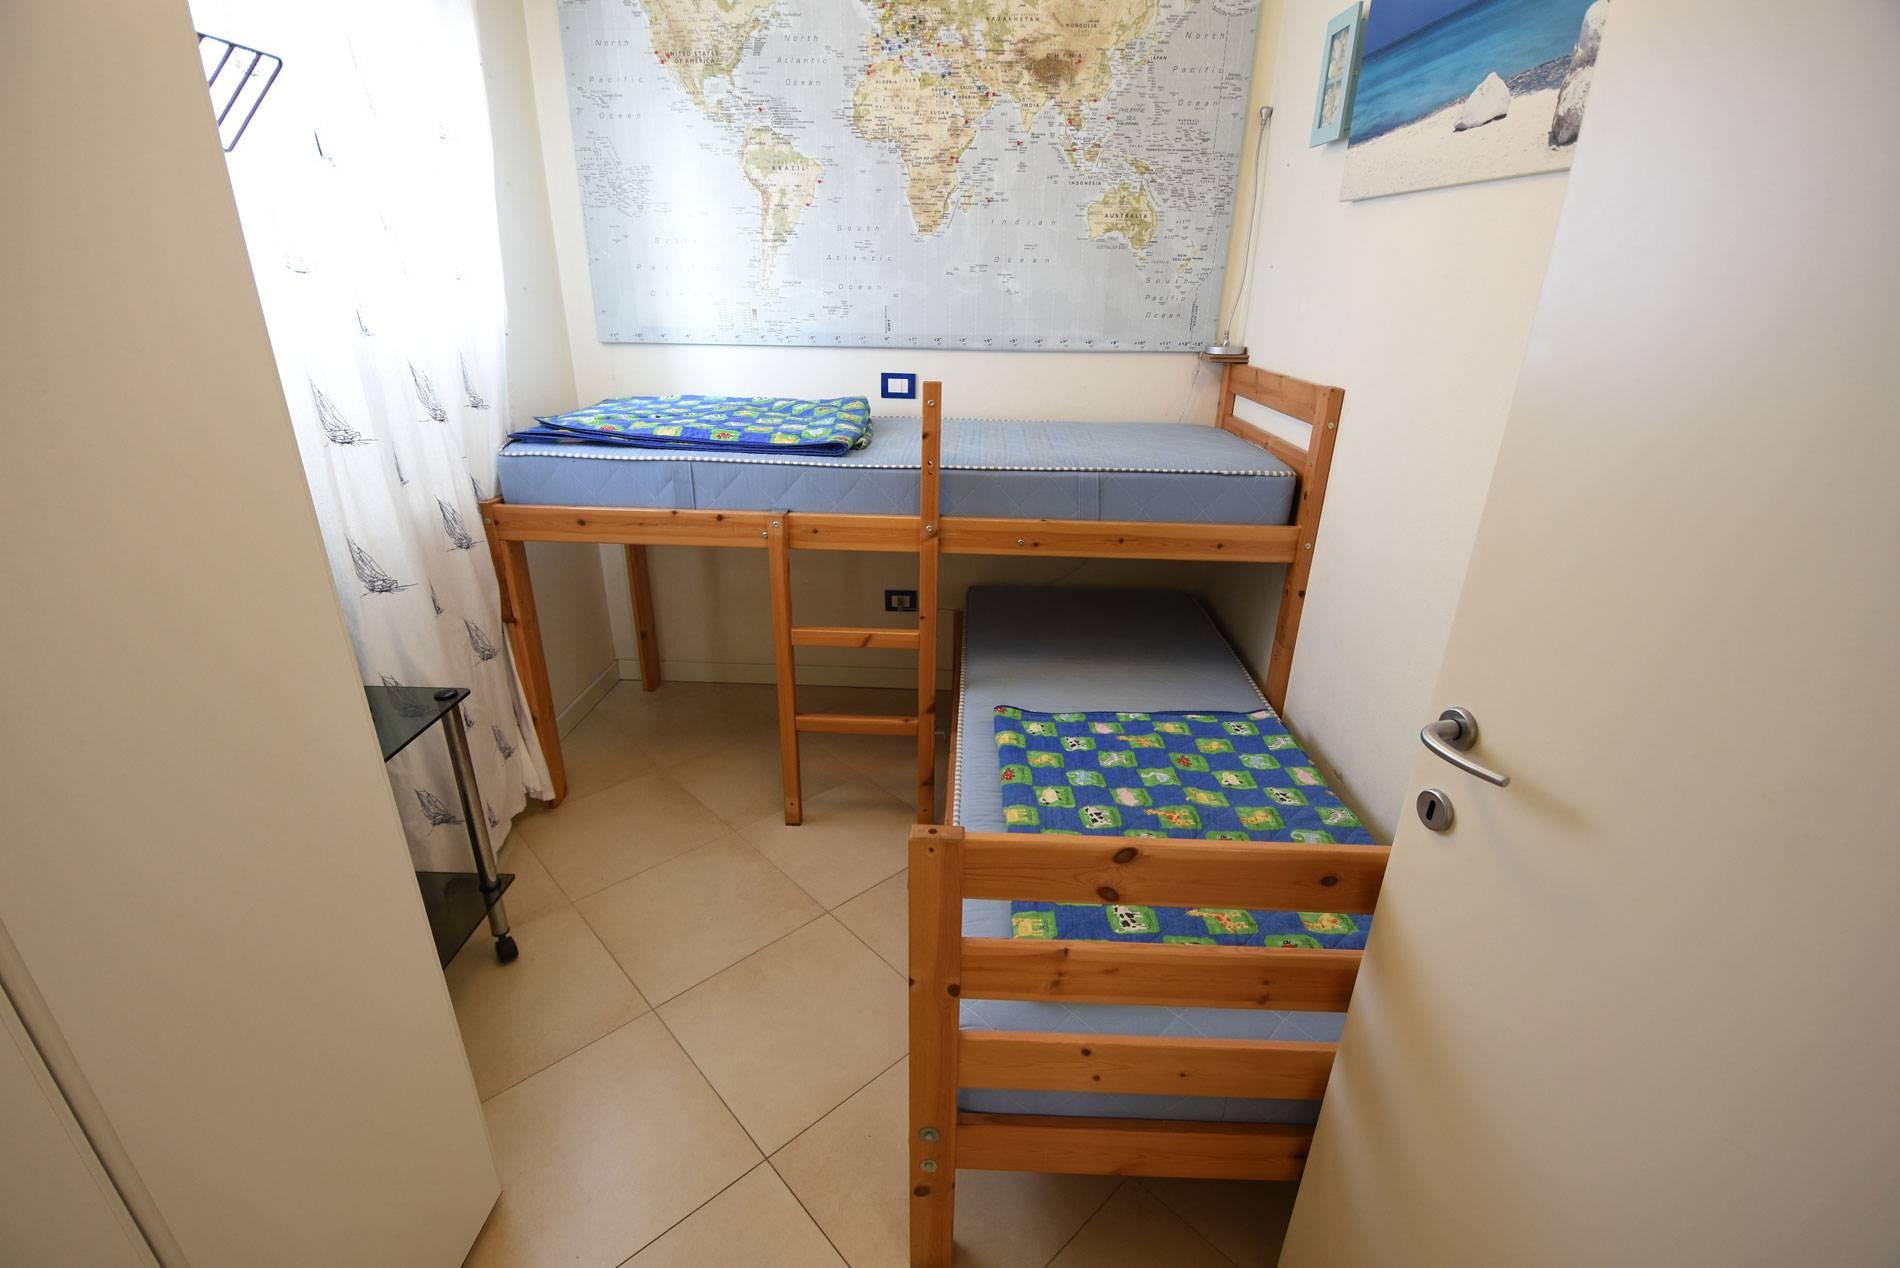 camera-da-letto-letti-singoli-appartamento-111583922